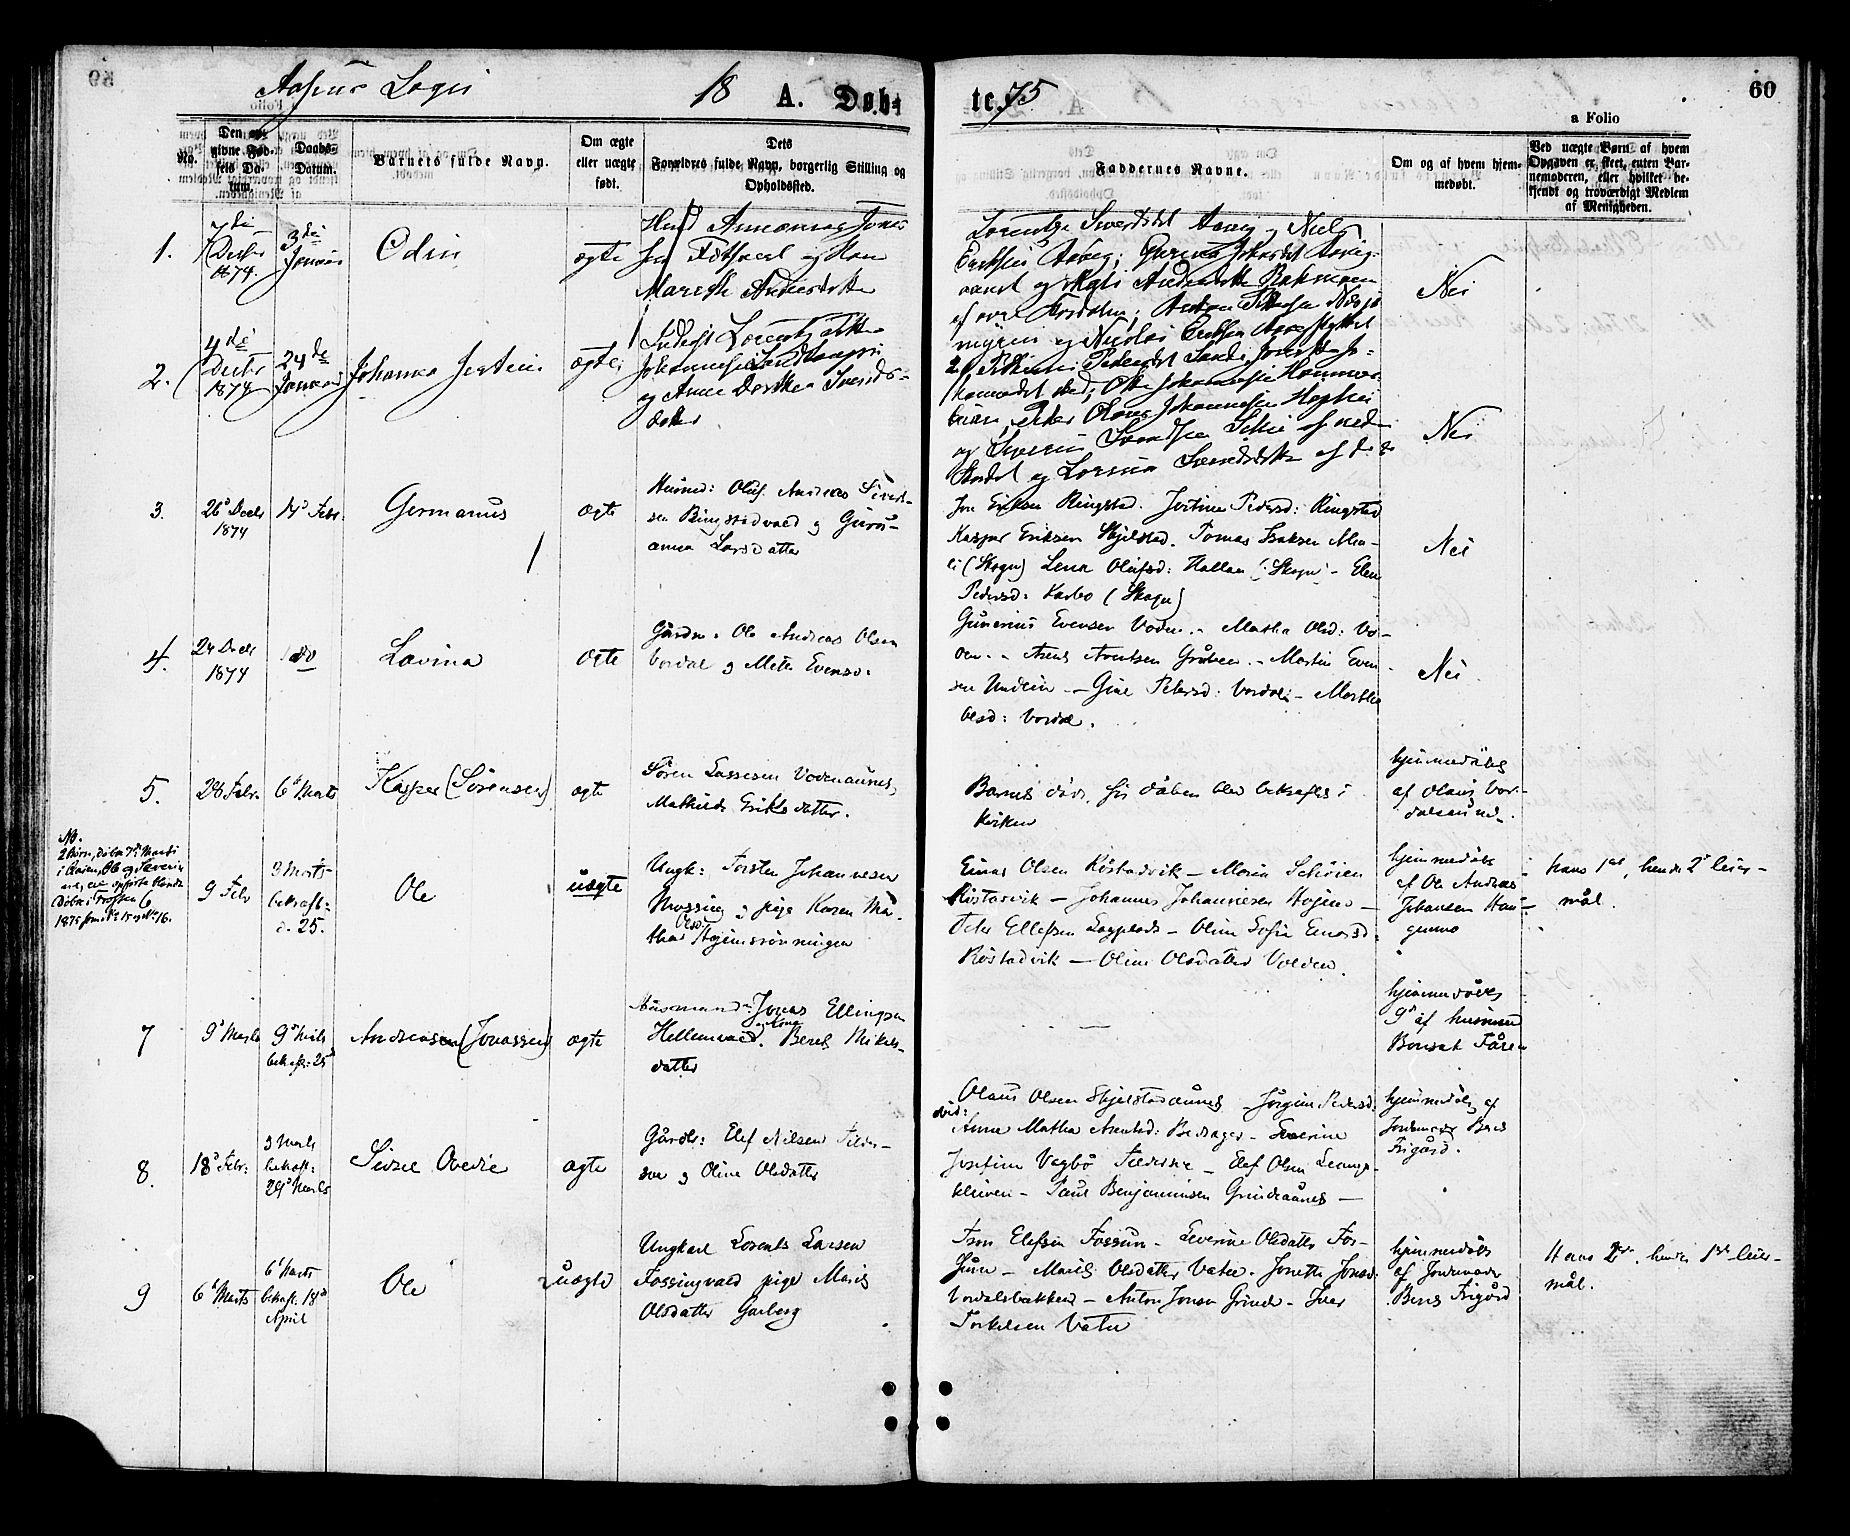 SAT, Ministerialprotokoller, klokkerbøker og fødselsregistre - Nord-Trøndelag, 713/L0118: Ministerialbok nr. 713A08 /2, 1875-1877, s. 60